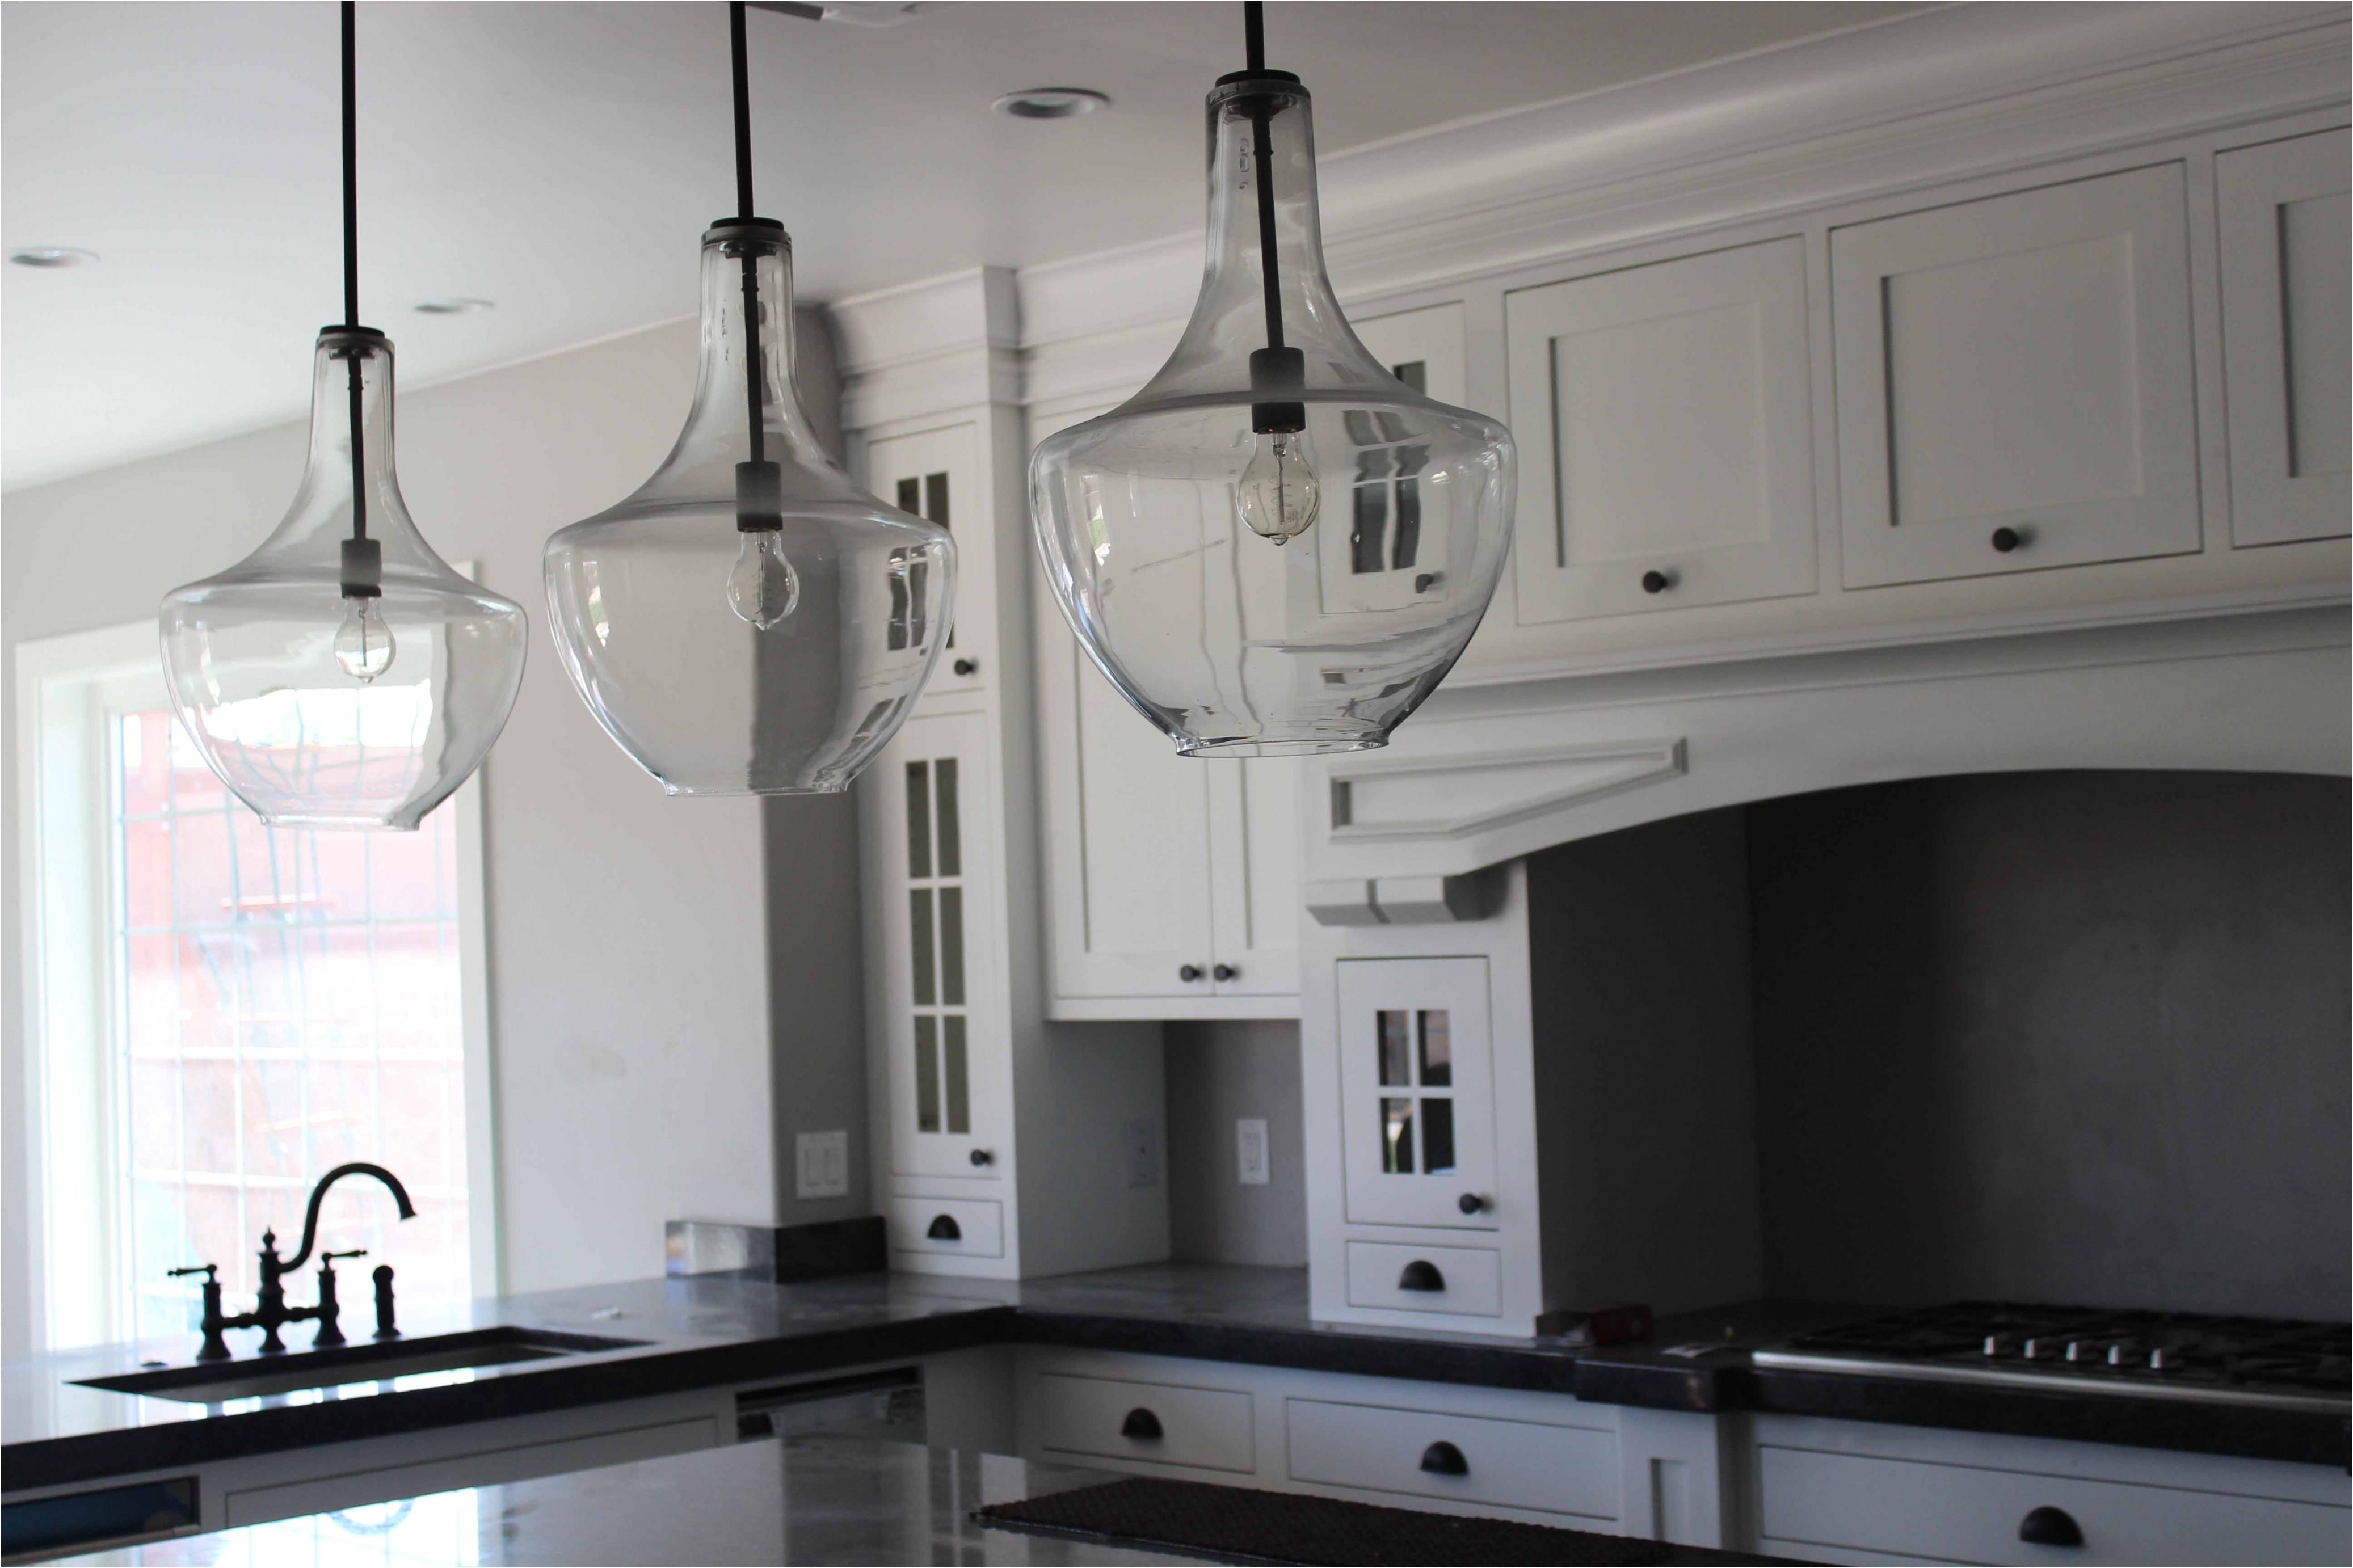 image of 28 beautiful track lighting in kitchen trinitycountyfoodbank